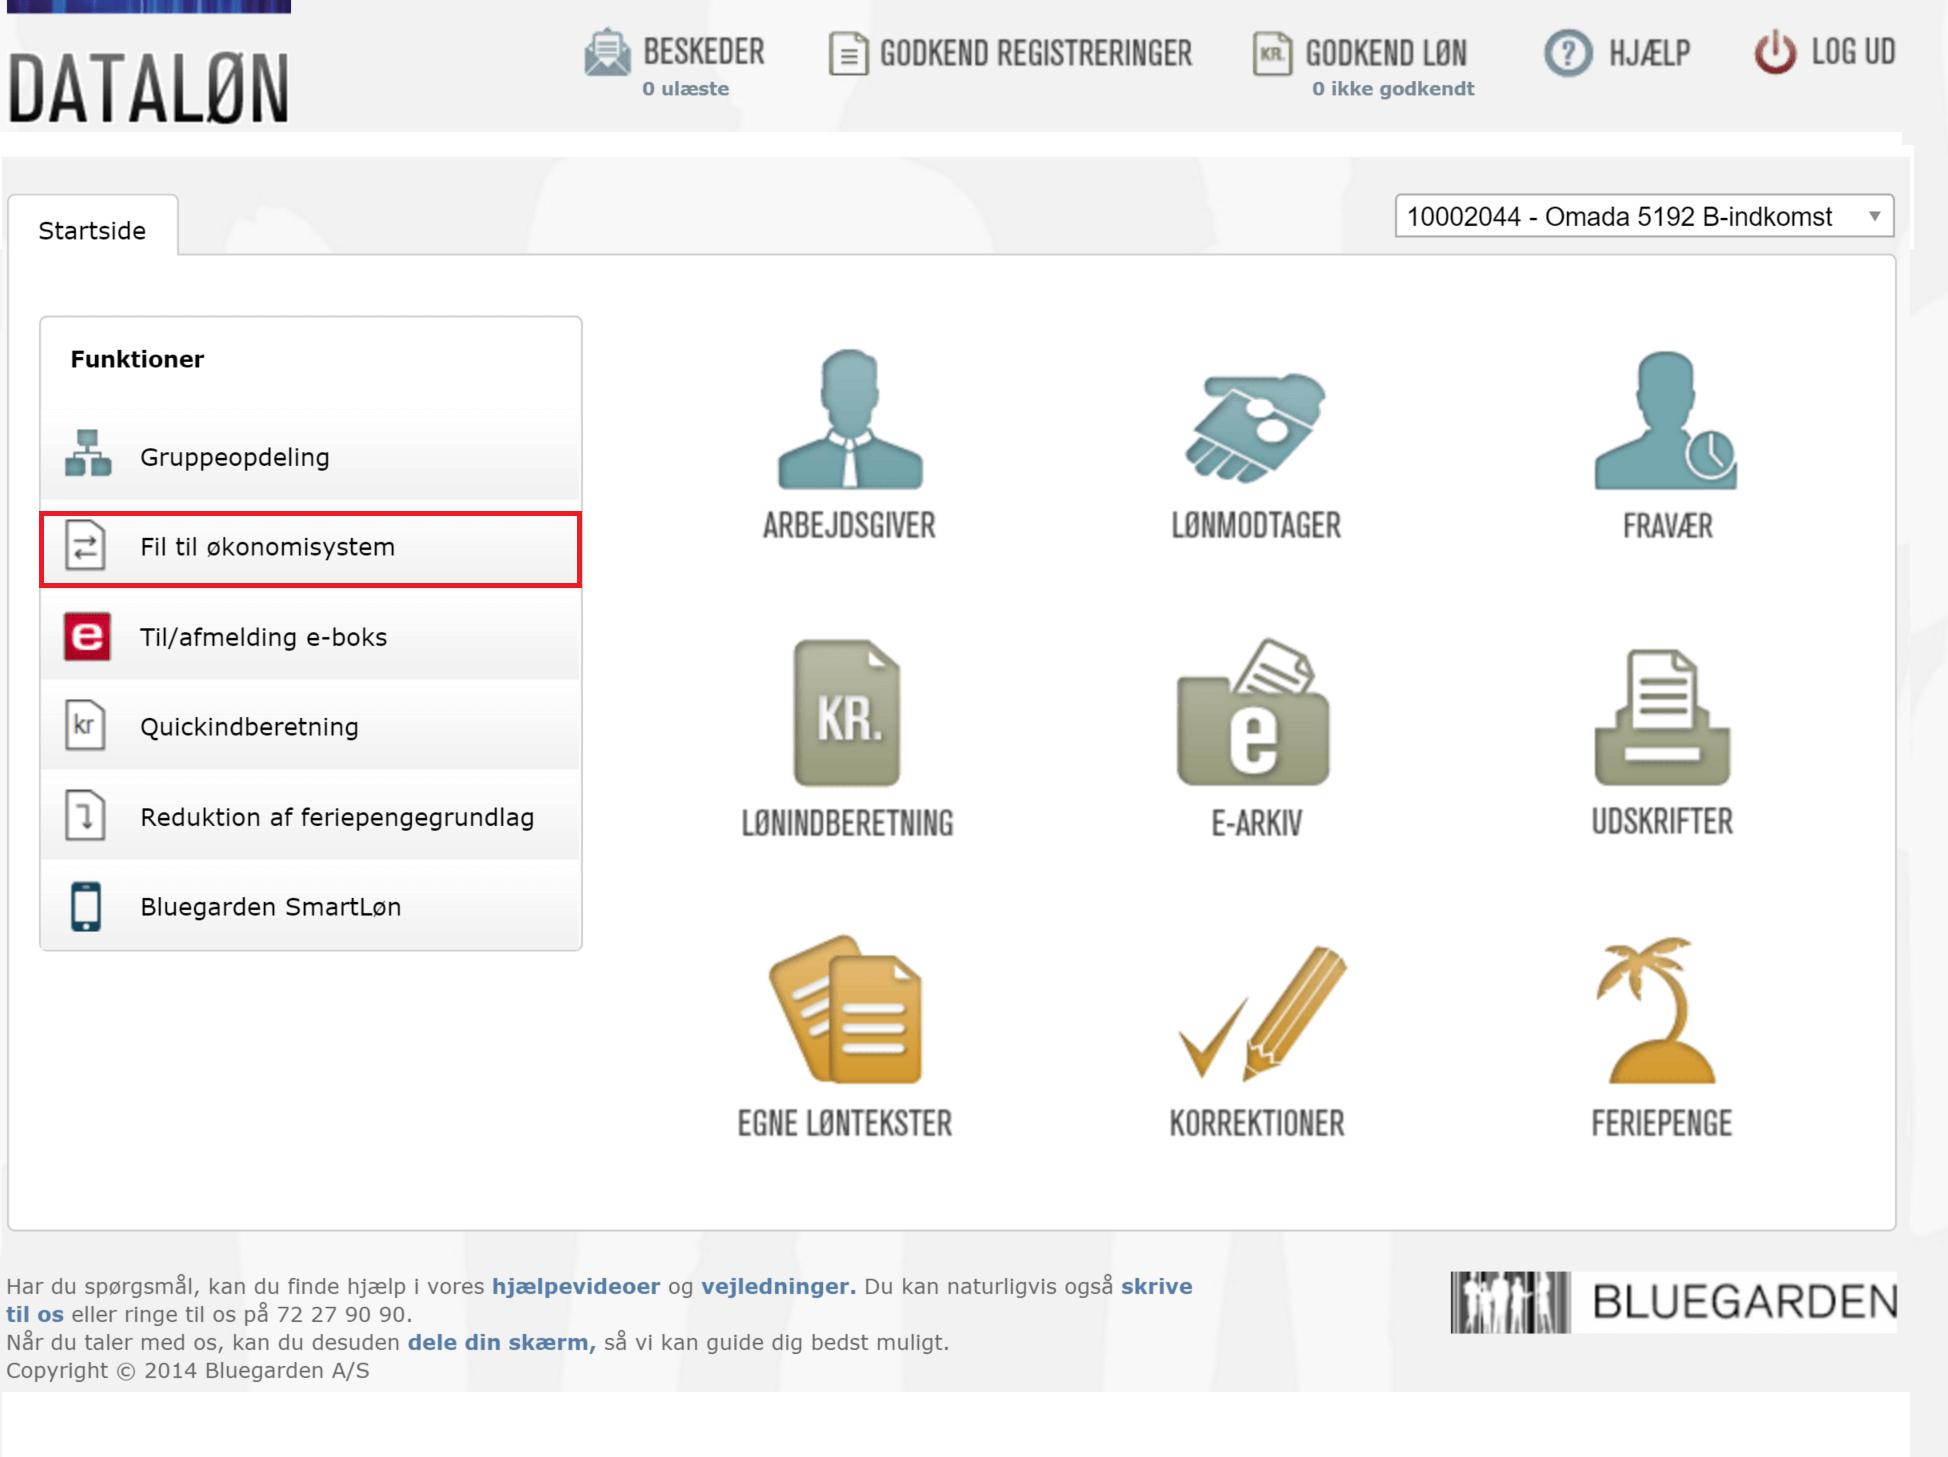 Integration med Dataløn